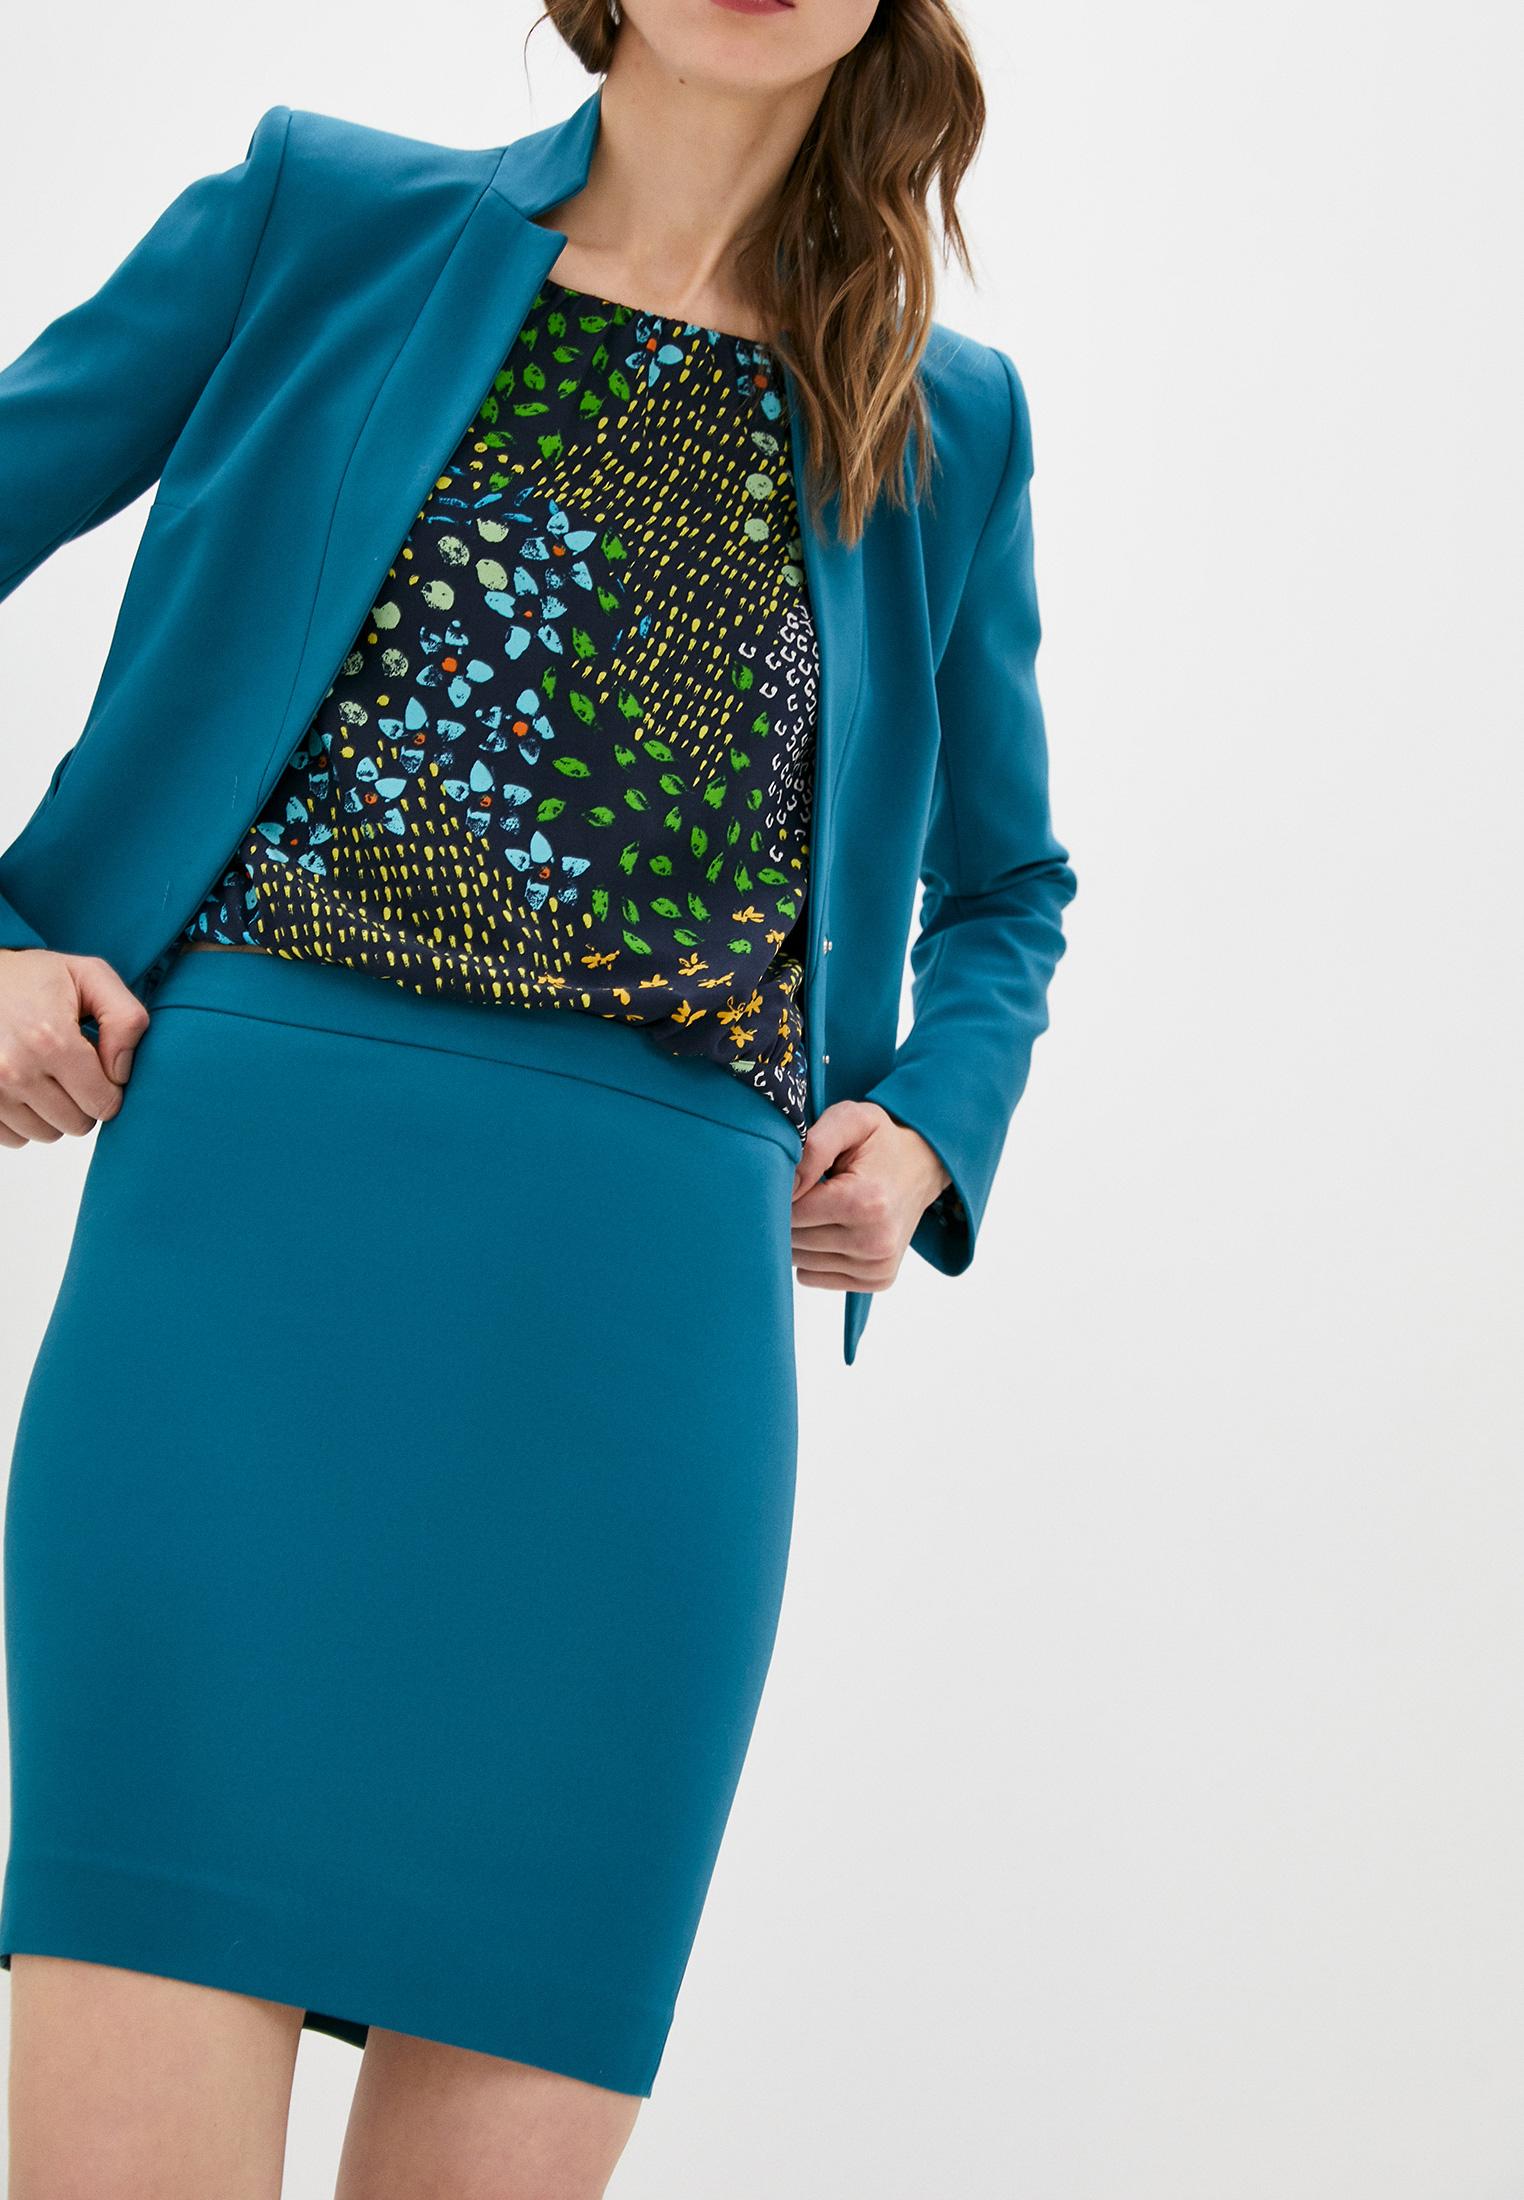 Узкая юбка Patrizia Pepe (Патриция Пепе) DG0260 A43 C615: изображение 1